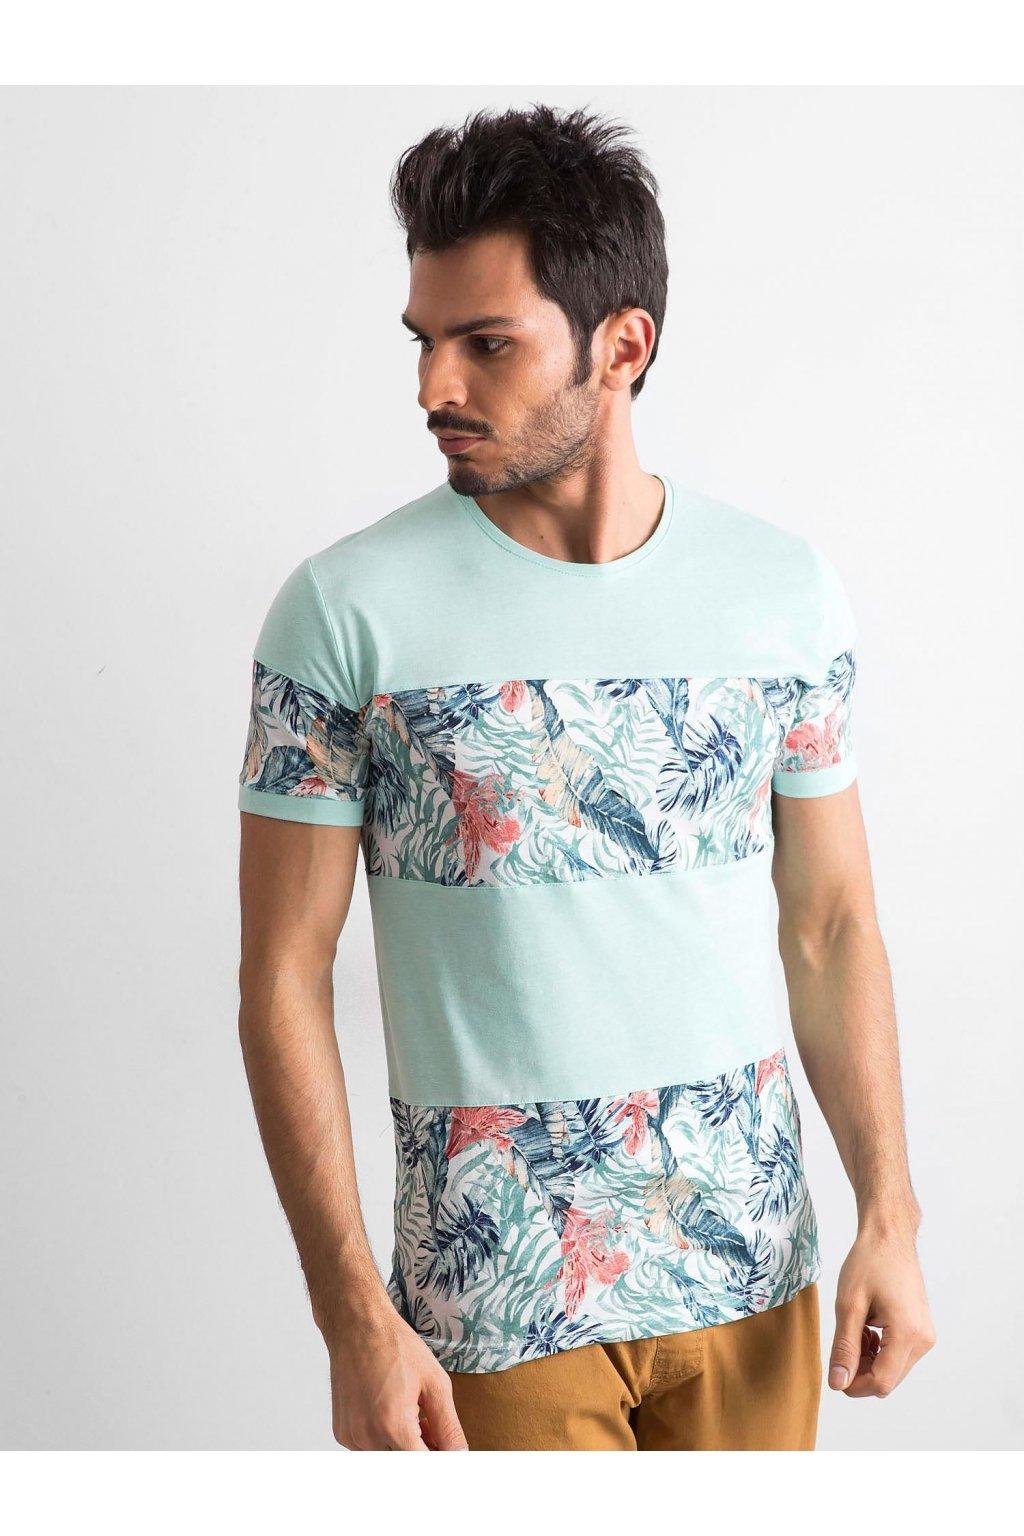 Tričko t-shirt kód M019Y03061116